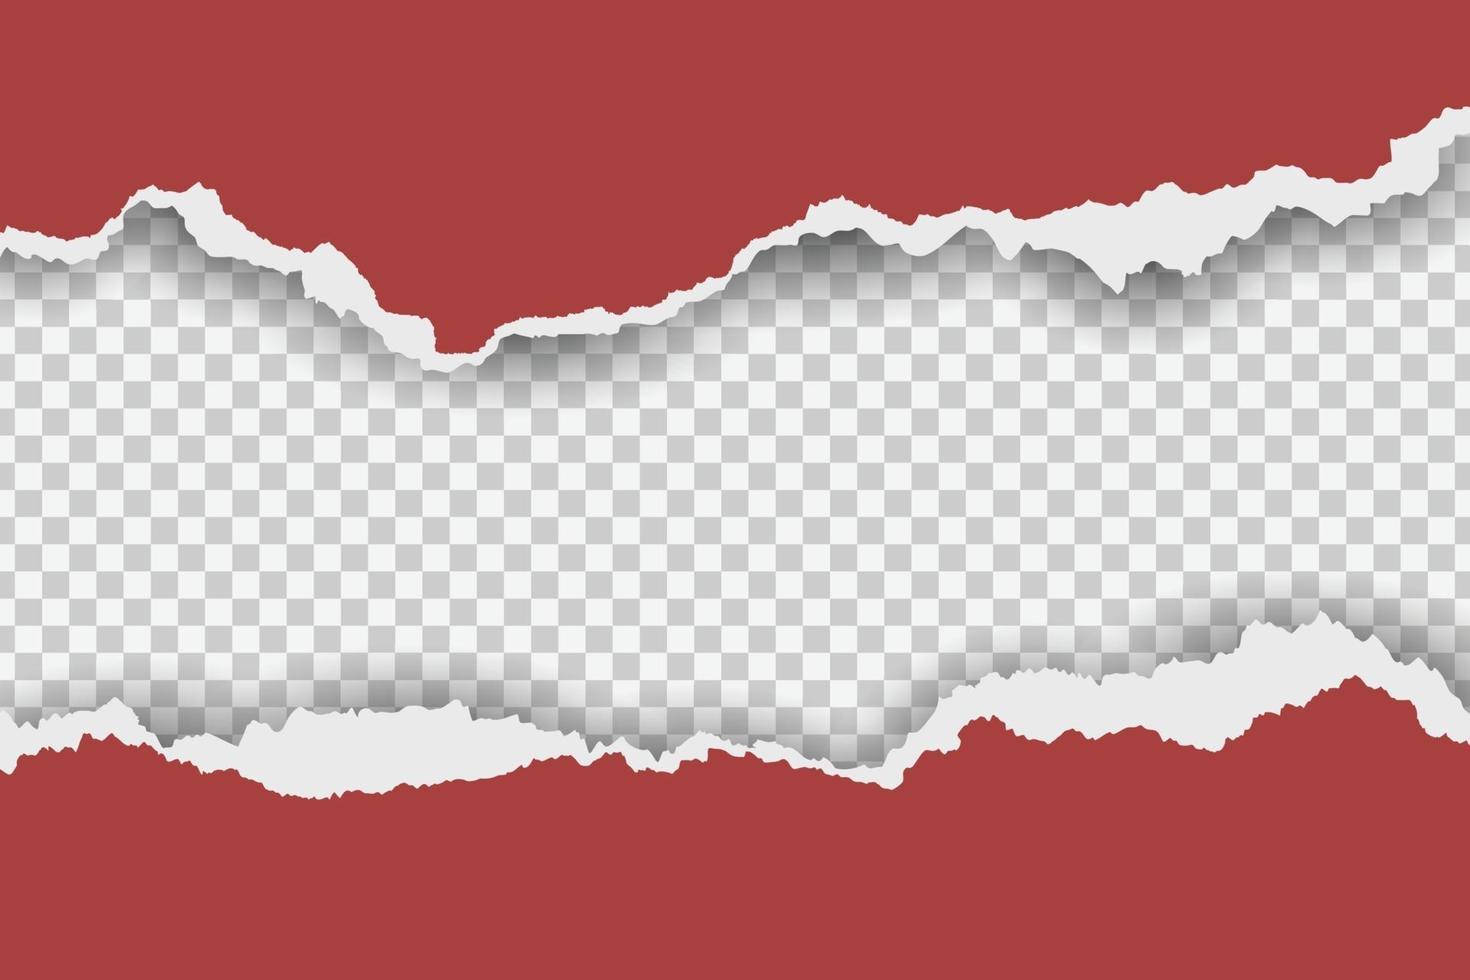 zerrissener roter Papierrahmen auf transparentem Hintergrund vektor